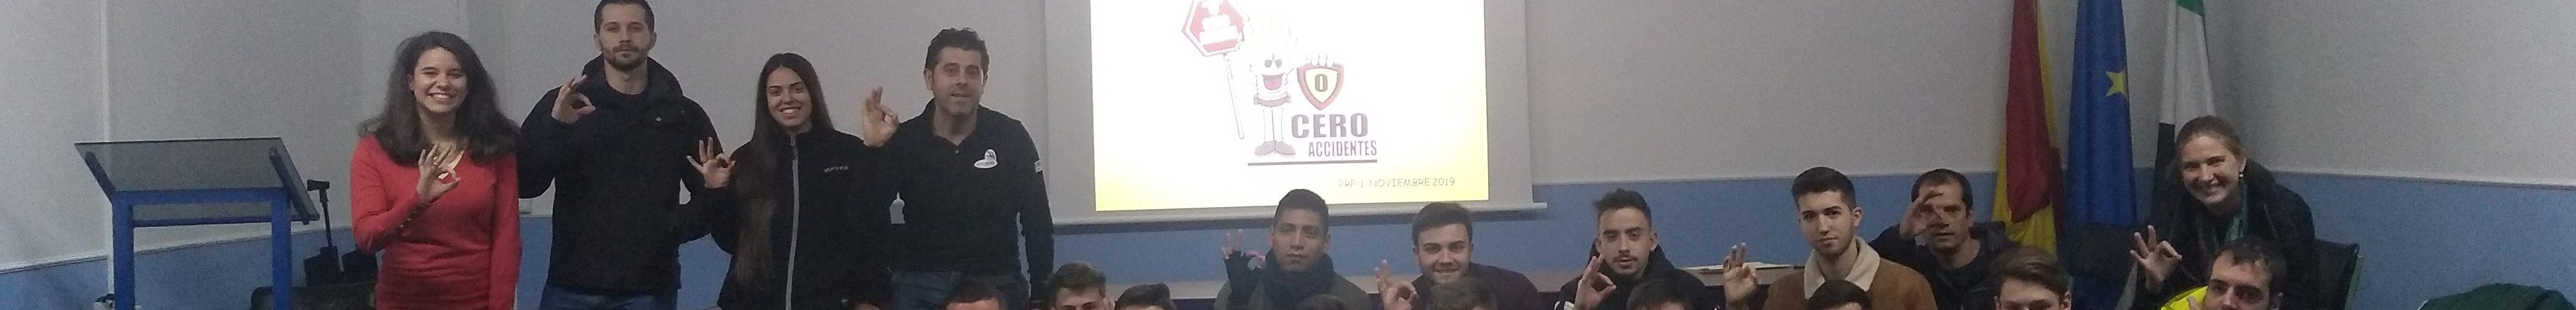 """Formadores y formados sellan un pacto: """"lograr CERO accidentes"""""""